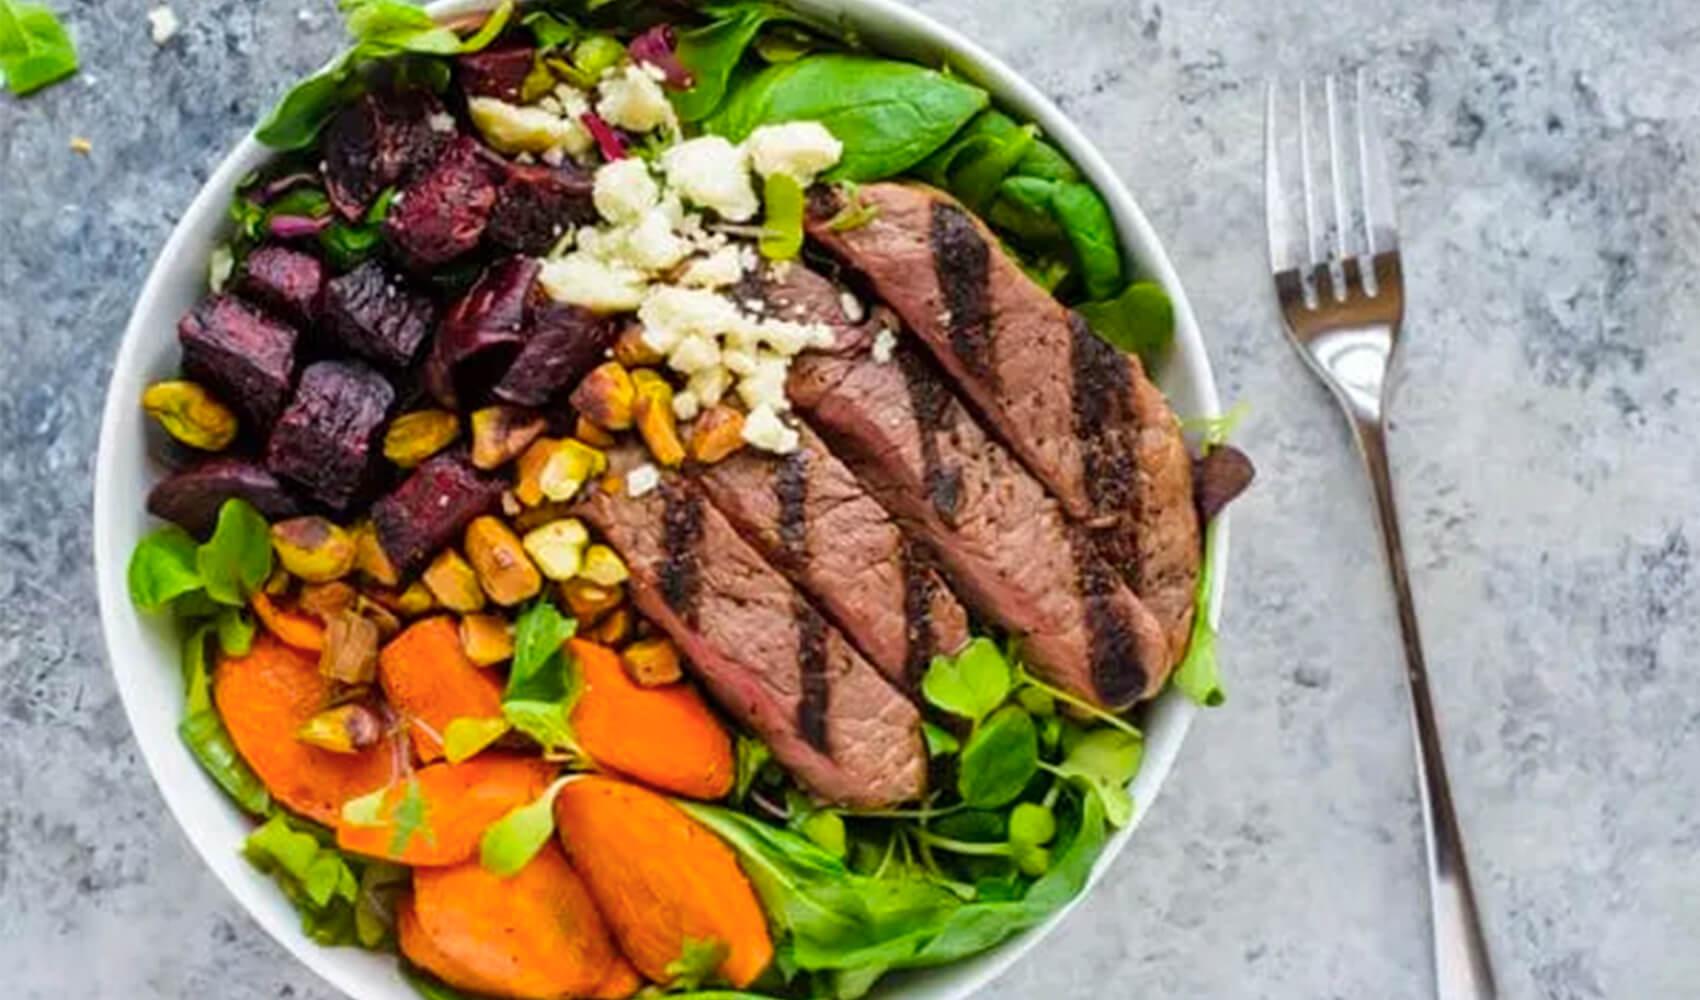 Grilled Steak Salad with Roasted Rainbow Veggies